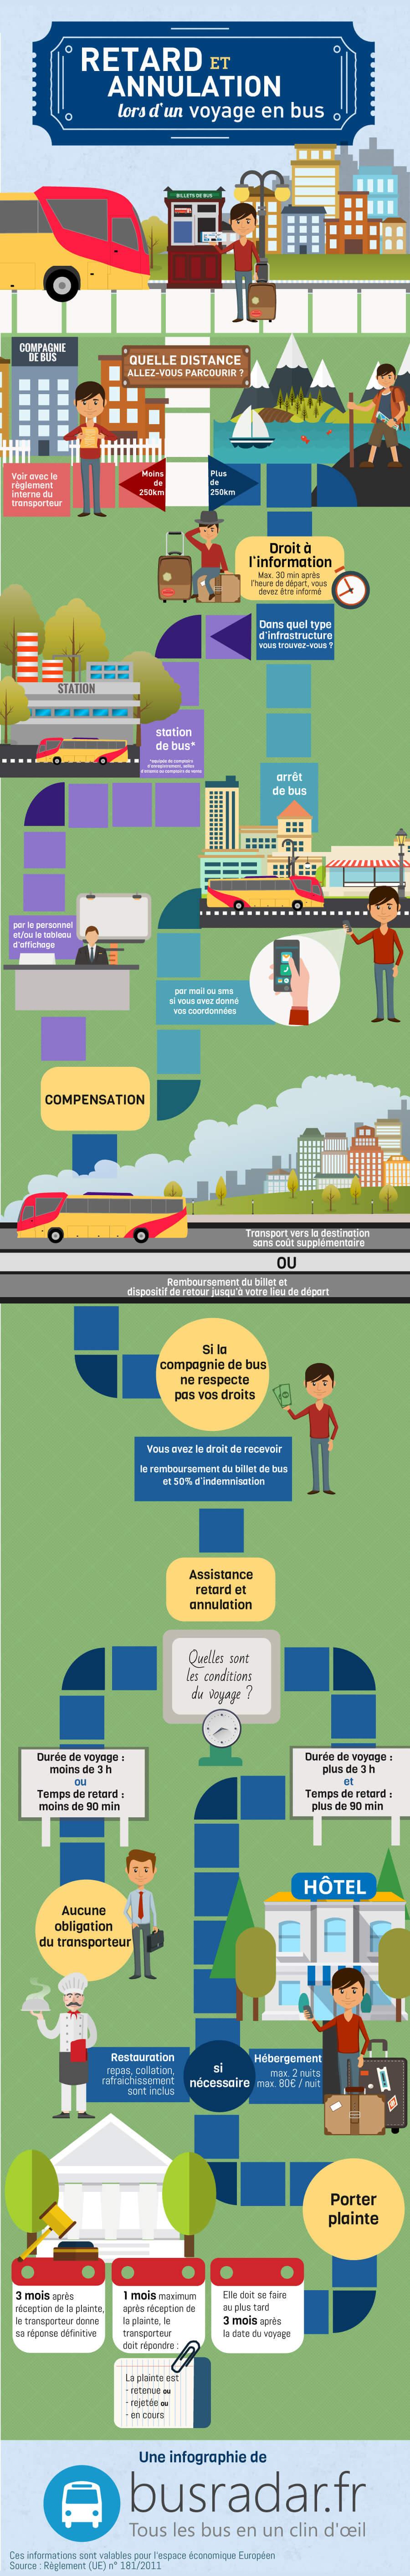 Infographie retard annulation voyage bus